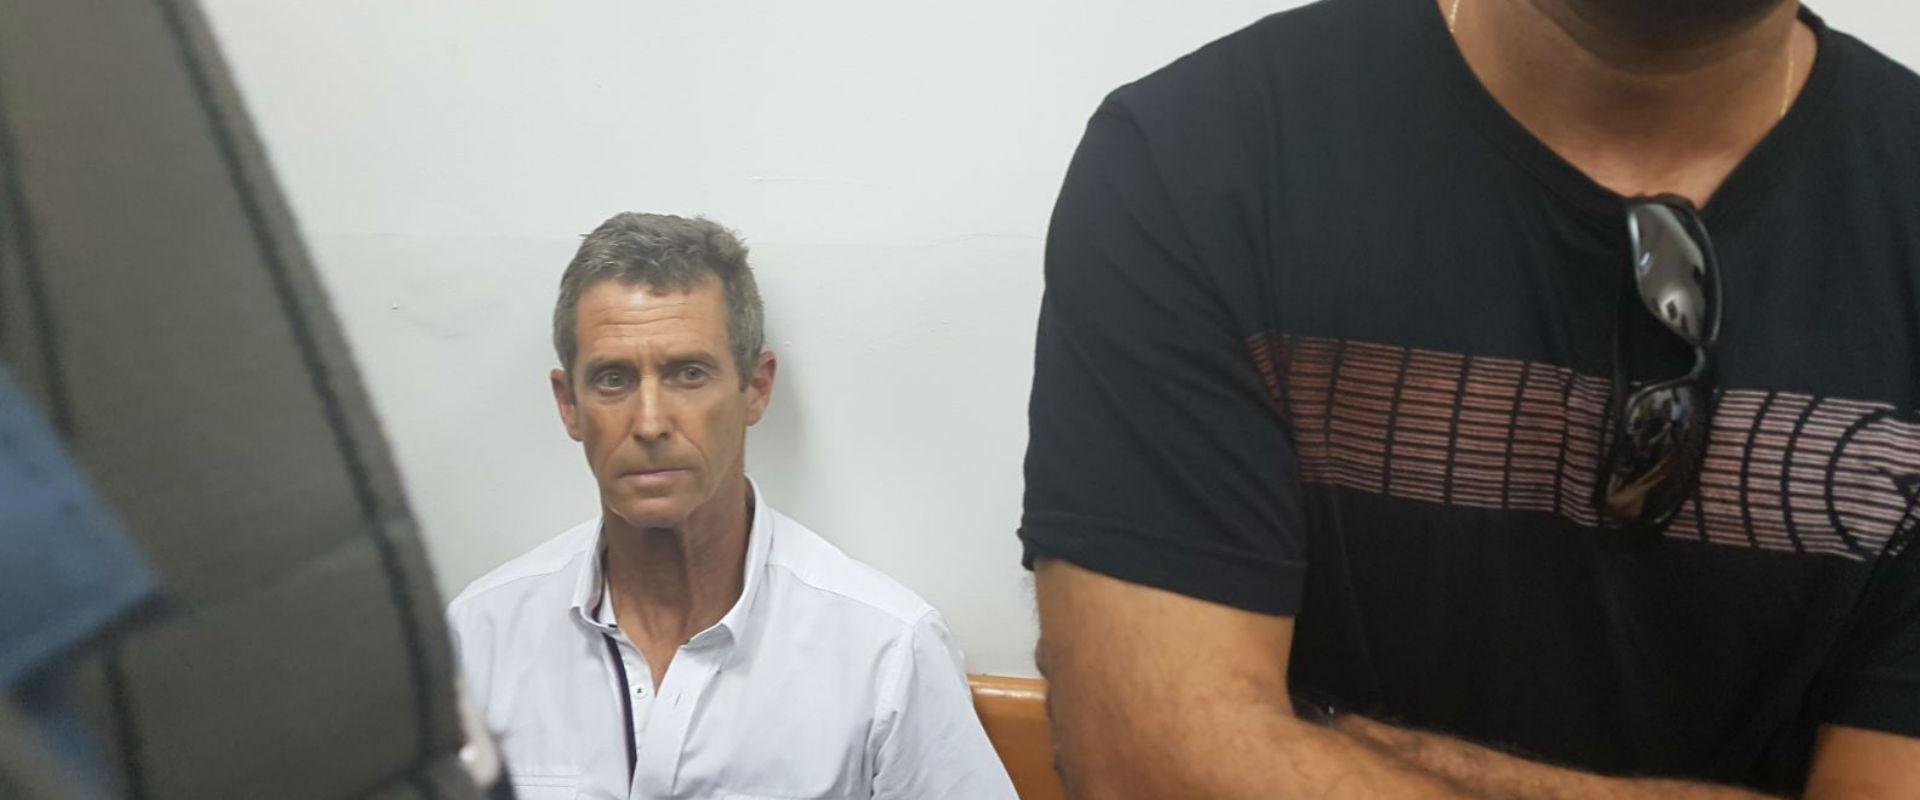 בני שטיינמץ בדיון בהארכת מעצרו